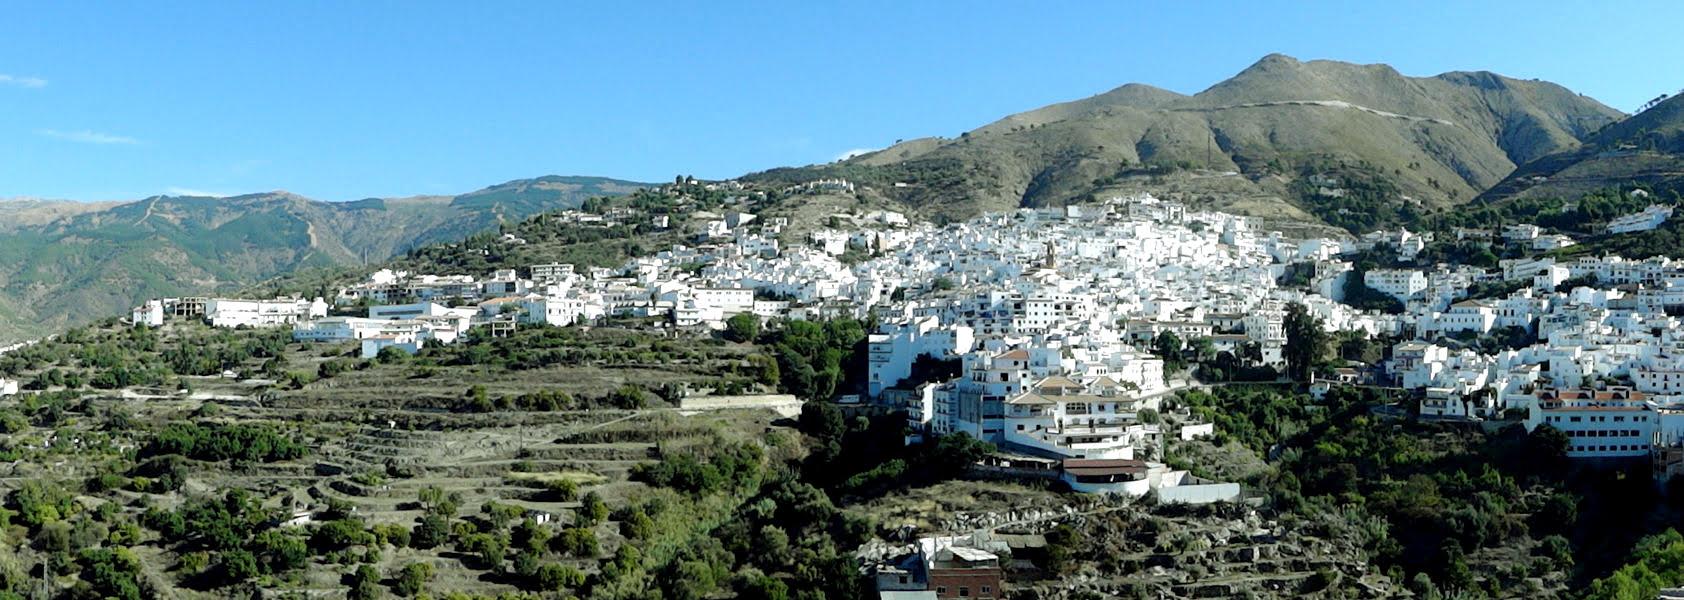 Spanje | Wandelen in Andalusië met verblijf in een hotel